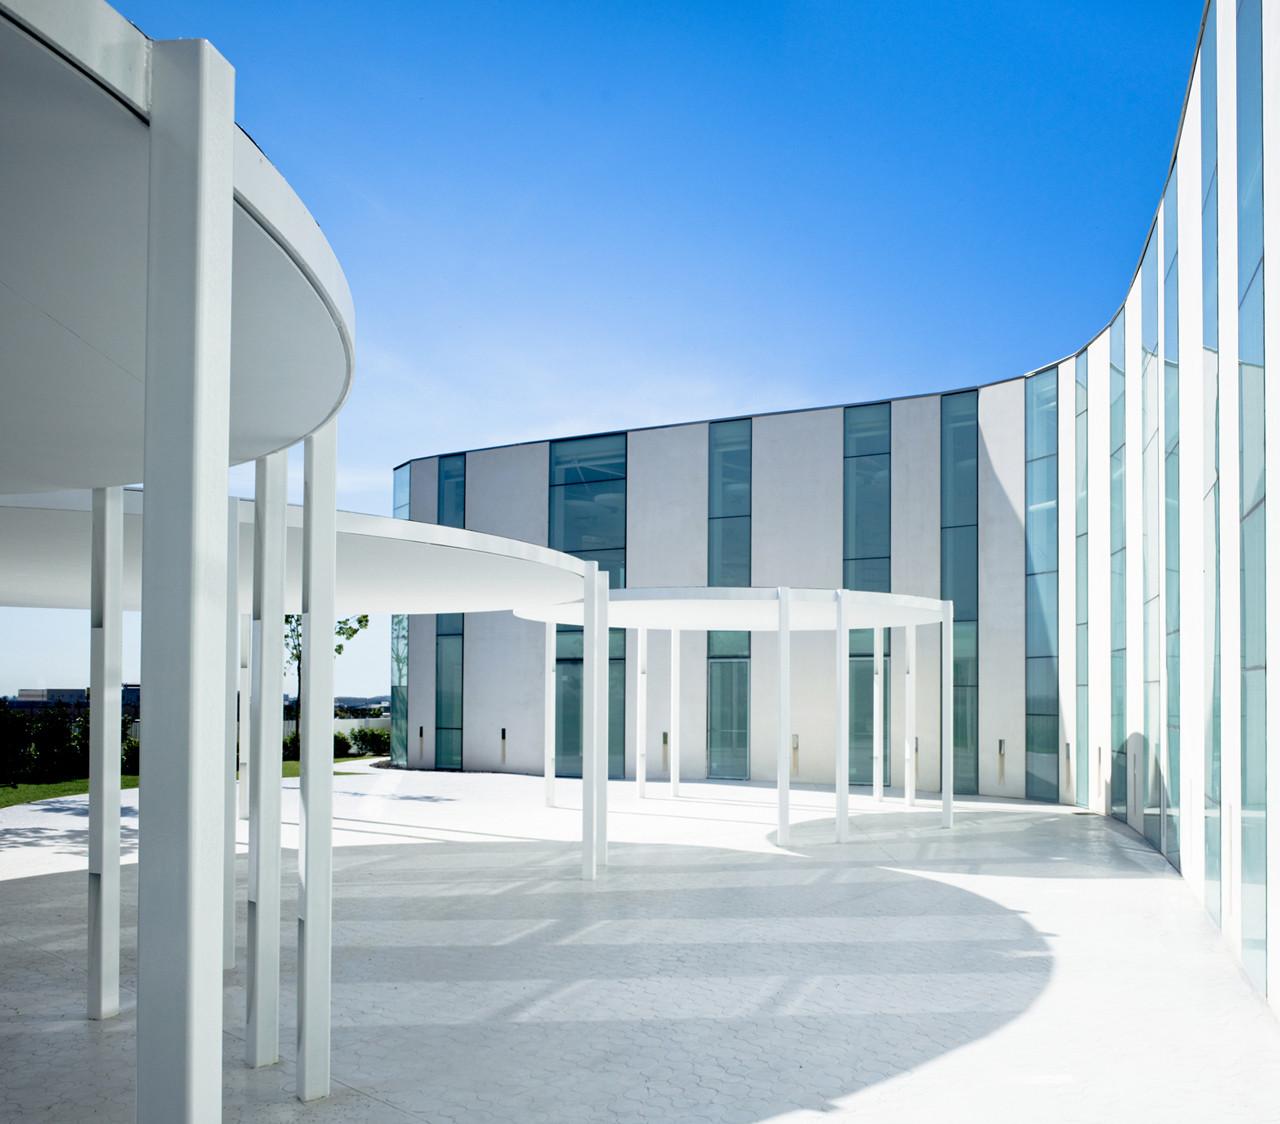 Centro de Convenciones Myrtus / Ramon Esteve, Courtesy of Ramon Esteve